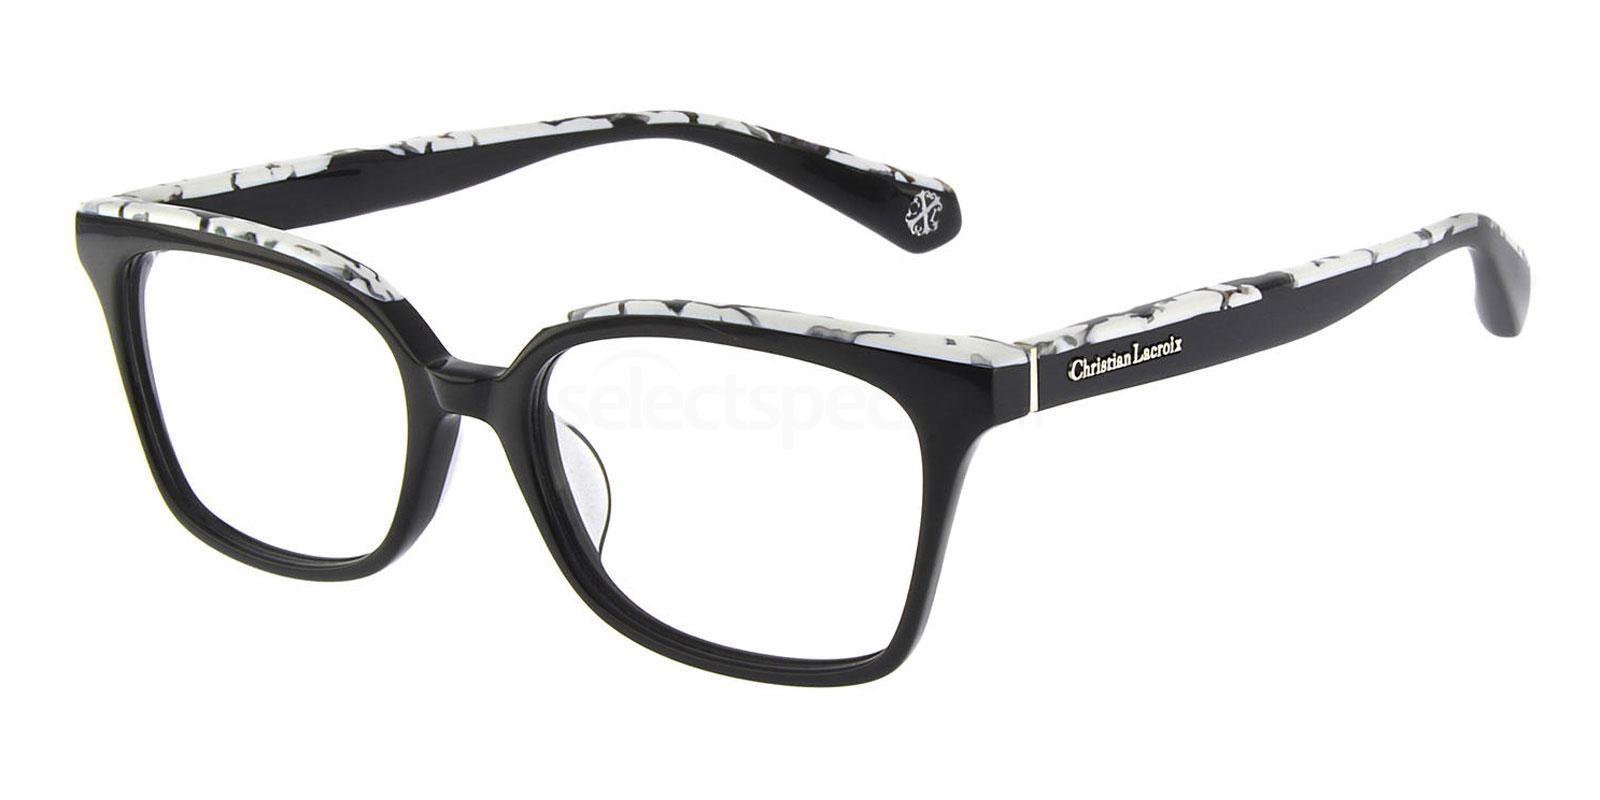 001 CL1059 Glasses, Christian Lacroix